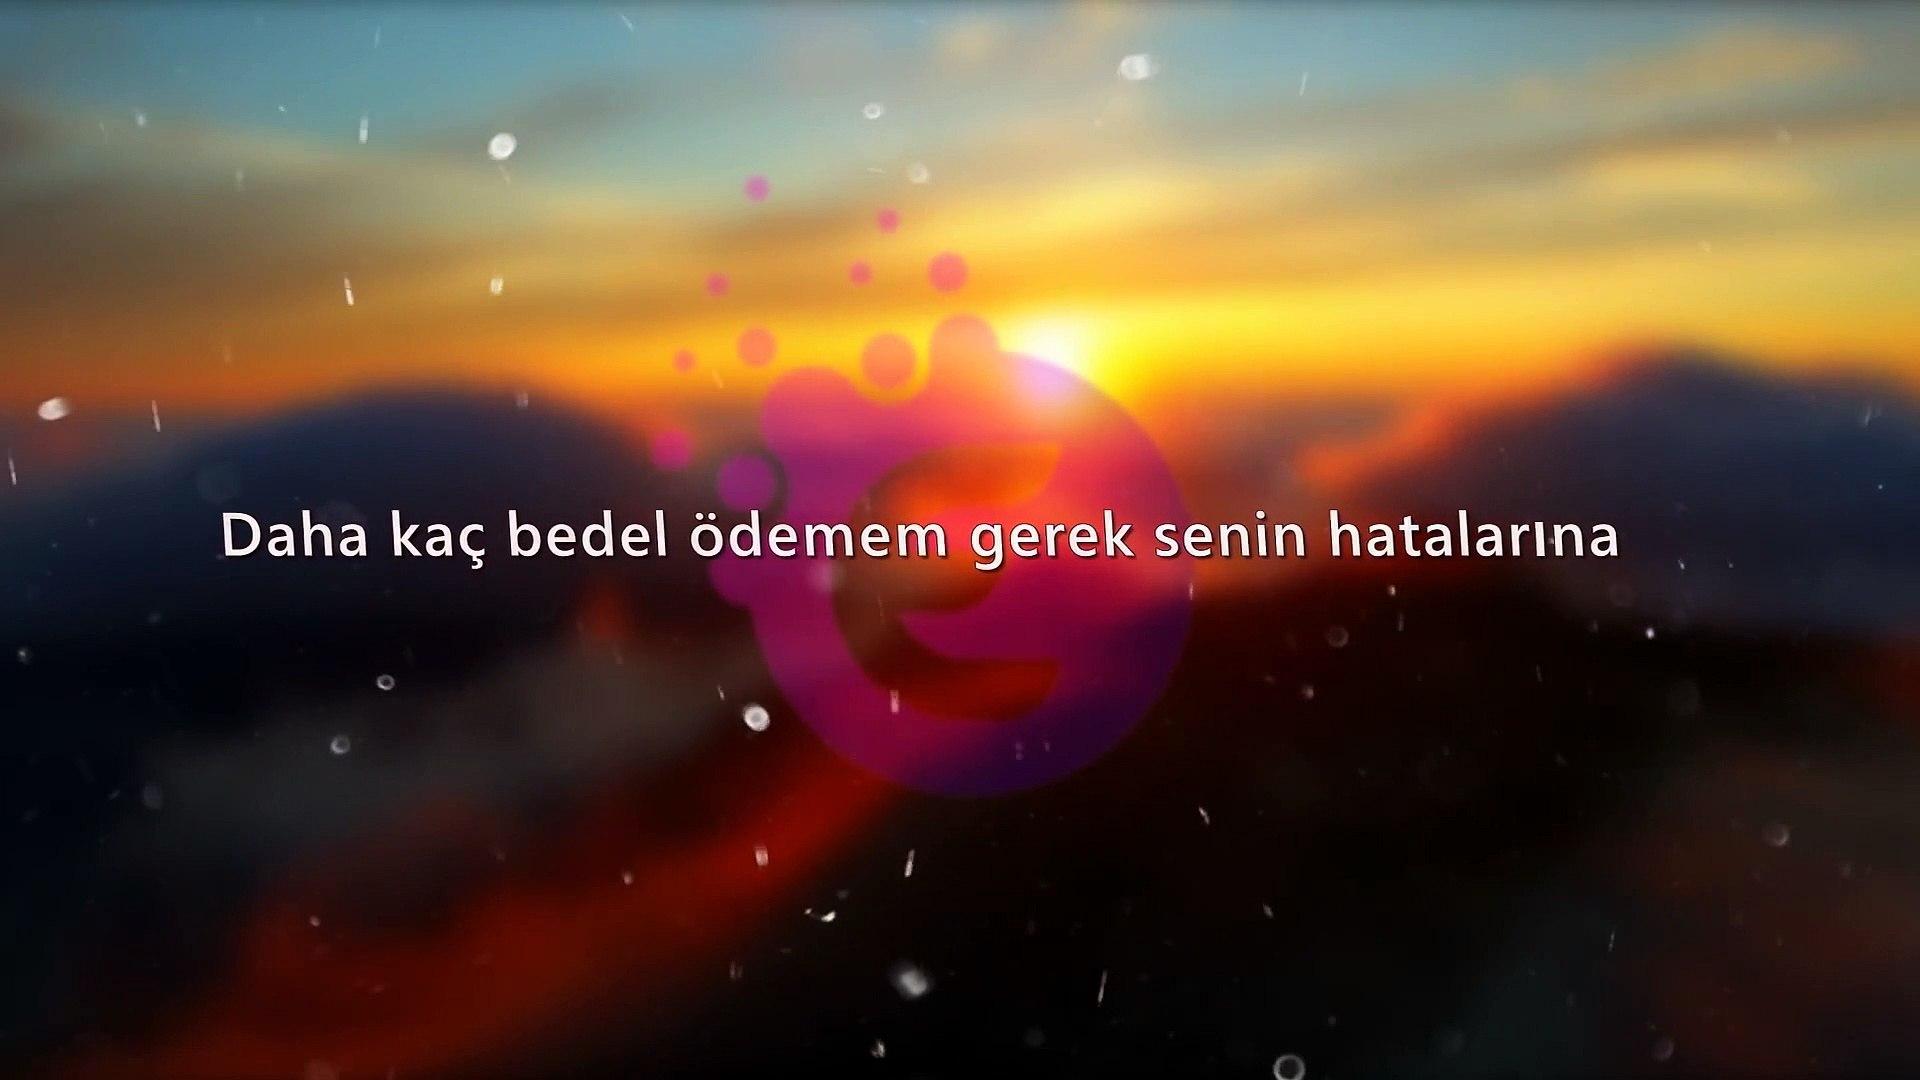 Nahide Babashlı - Faydası Yok (Furkan Demir Remix)